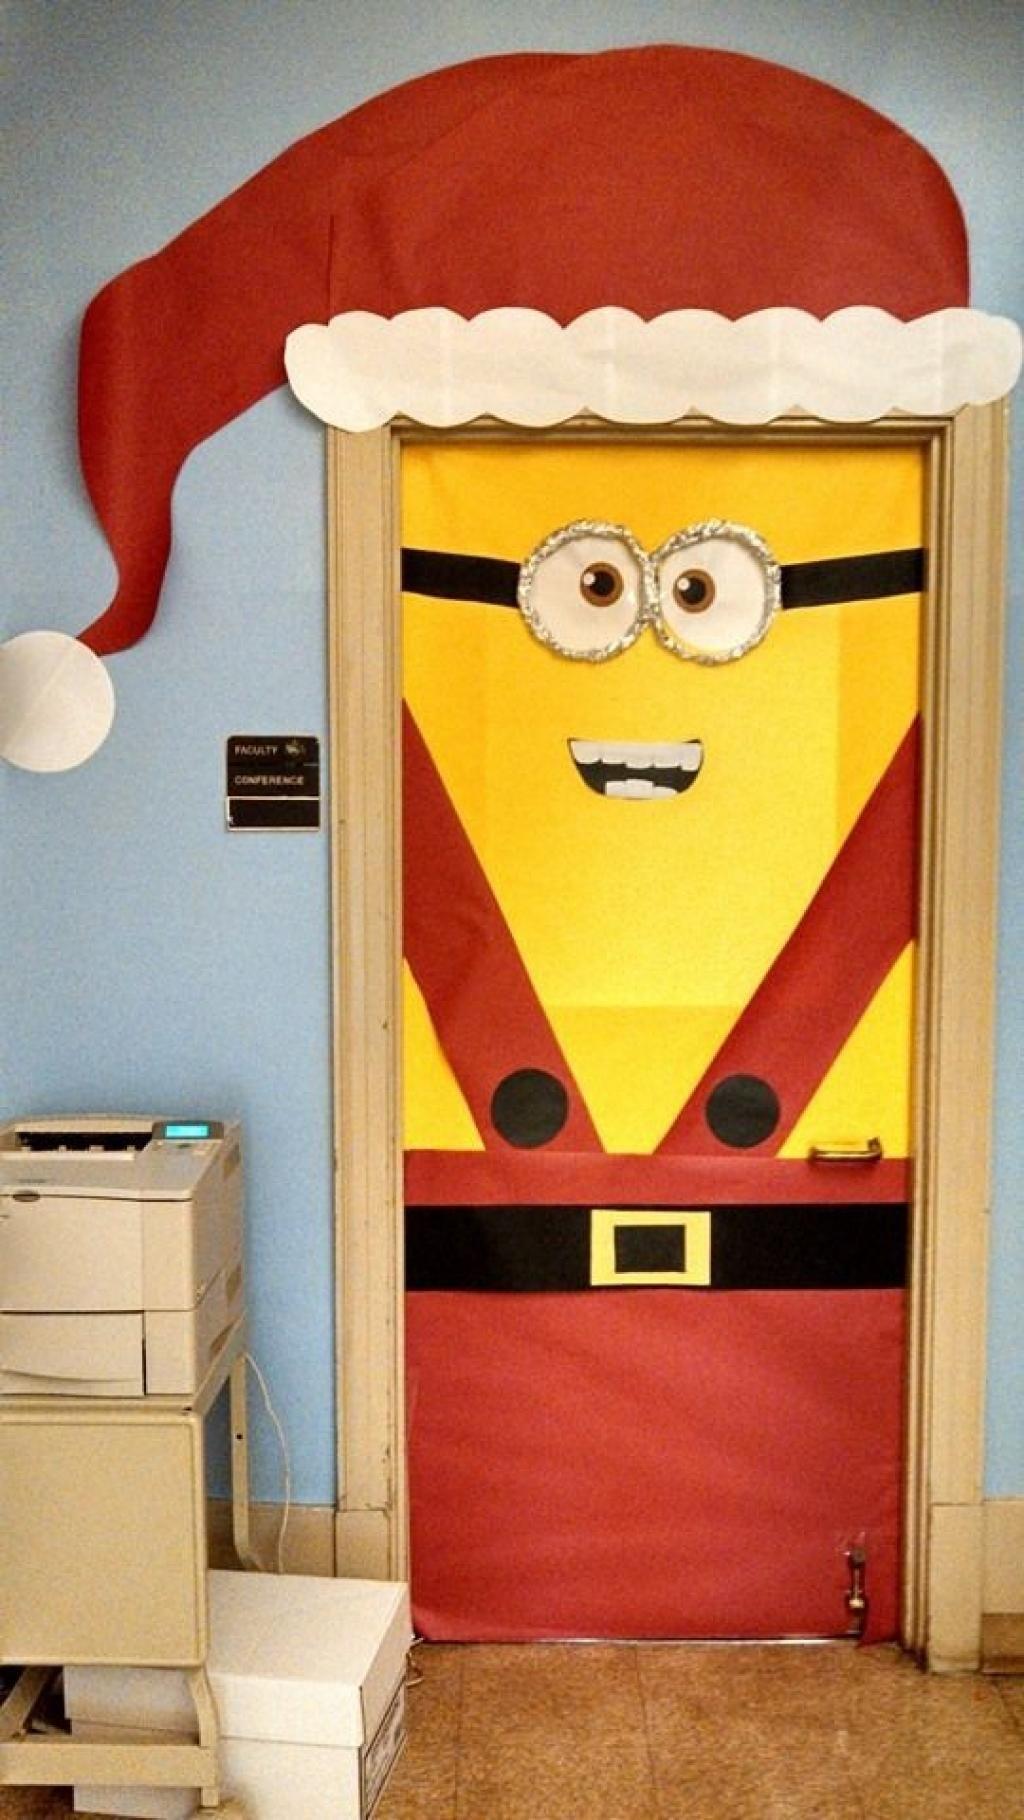 20 magnifiques id es pour d corer une porte pour no l une id e bricoler avec les enfants a - Decorer une porte ...